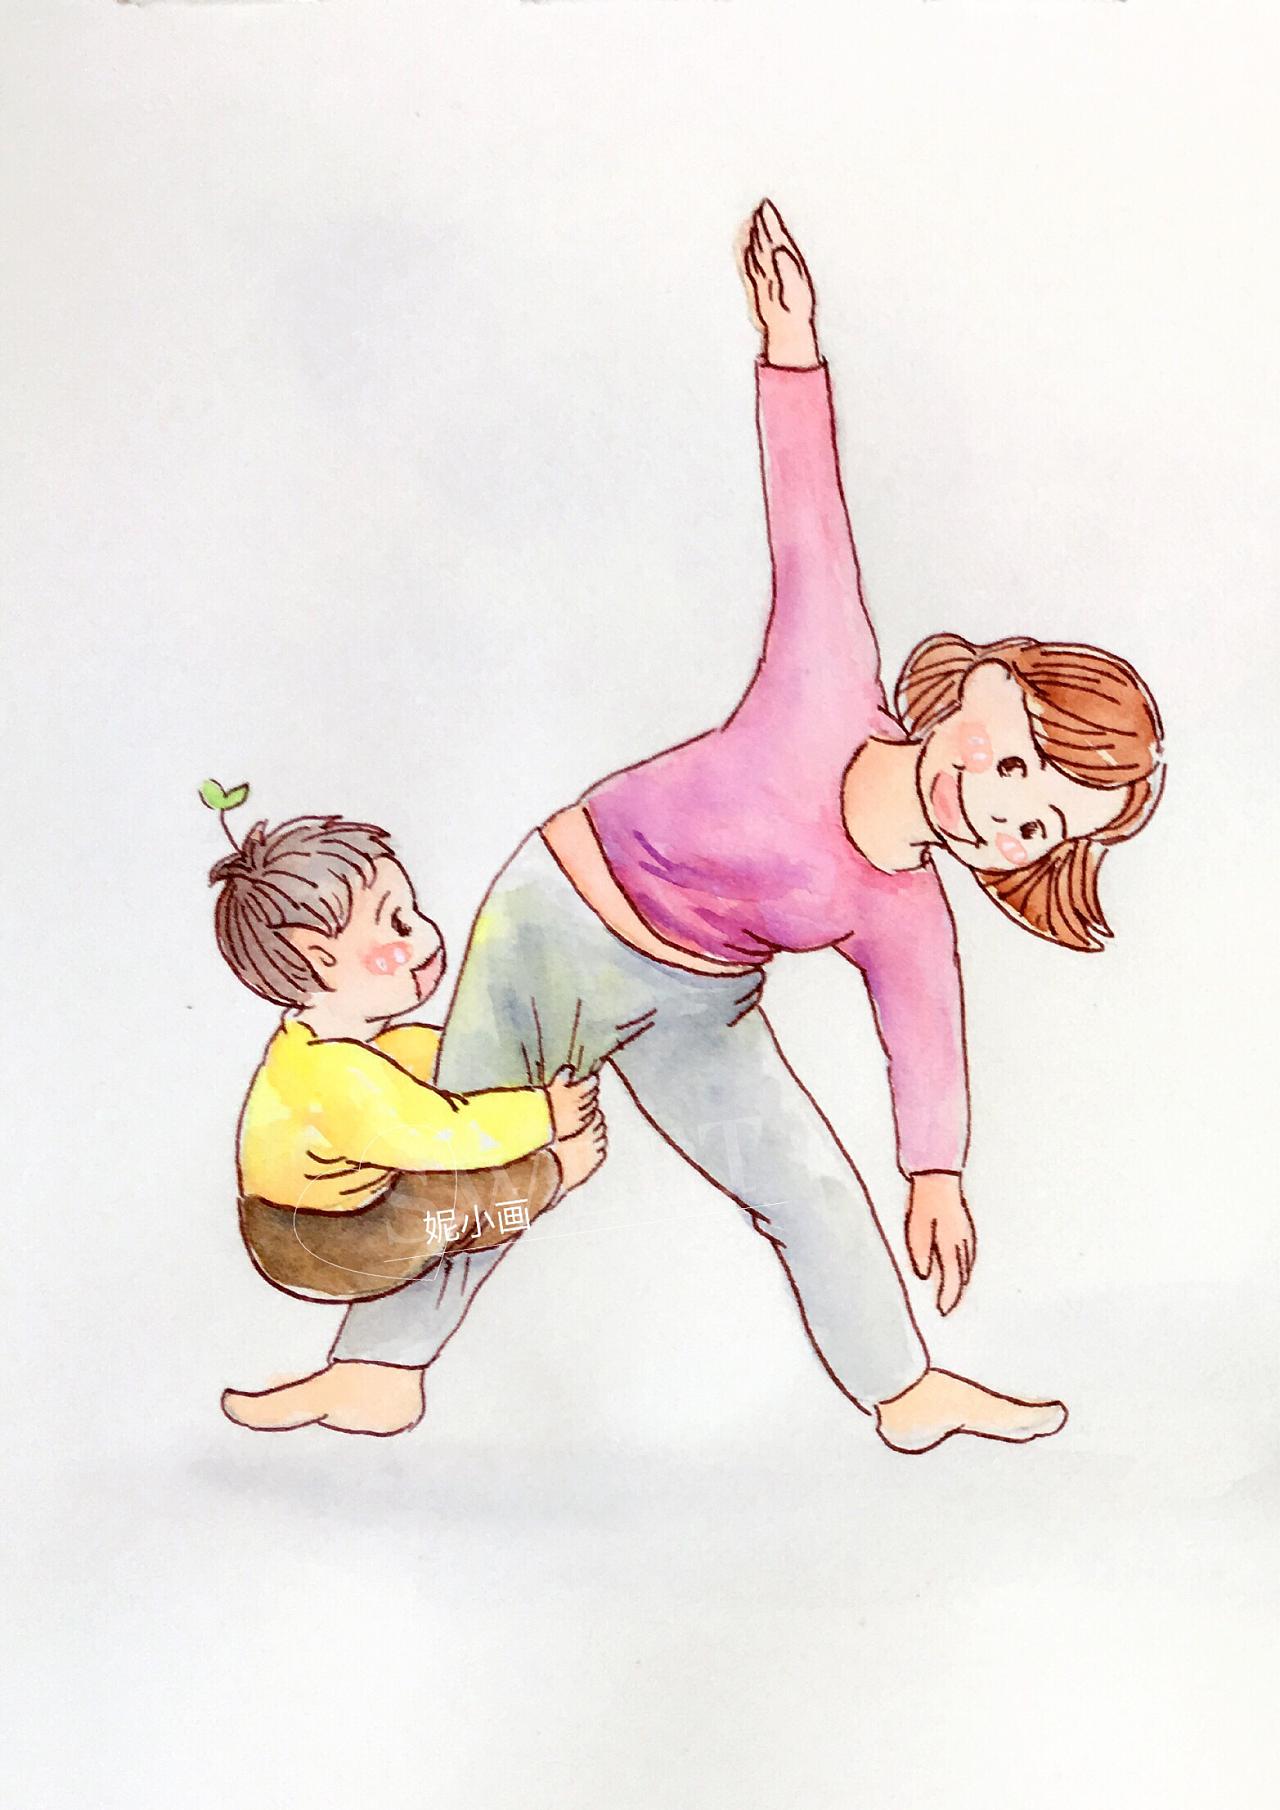 瑜伽卡通图片大全